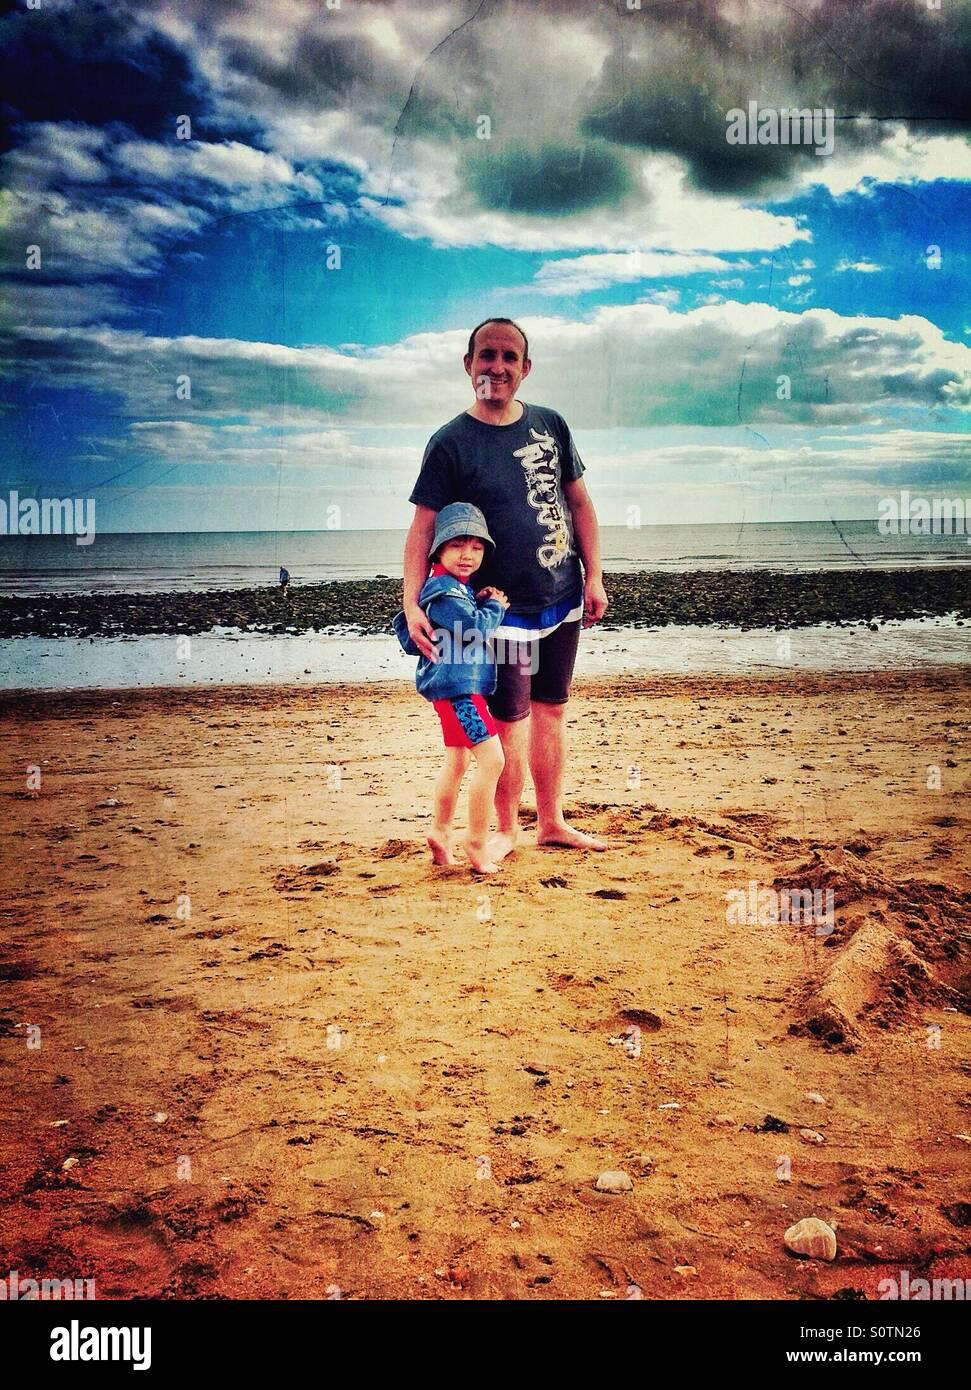 Un padre y su hijo en una playa. Imagen De Stock